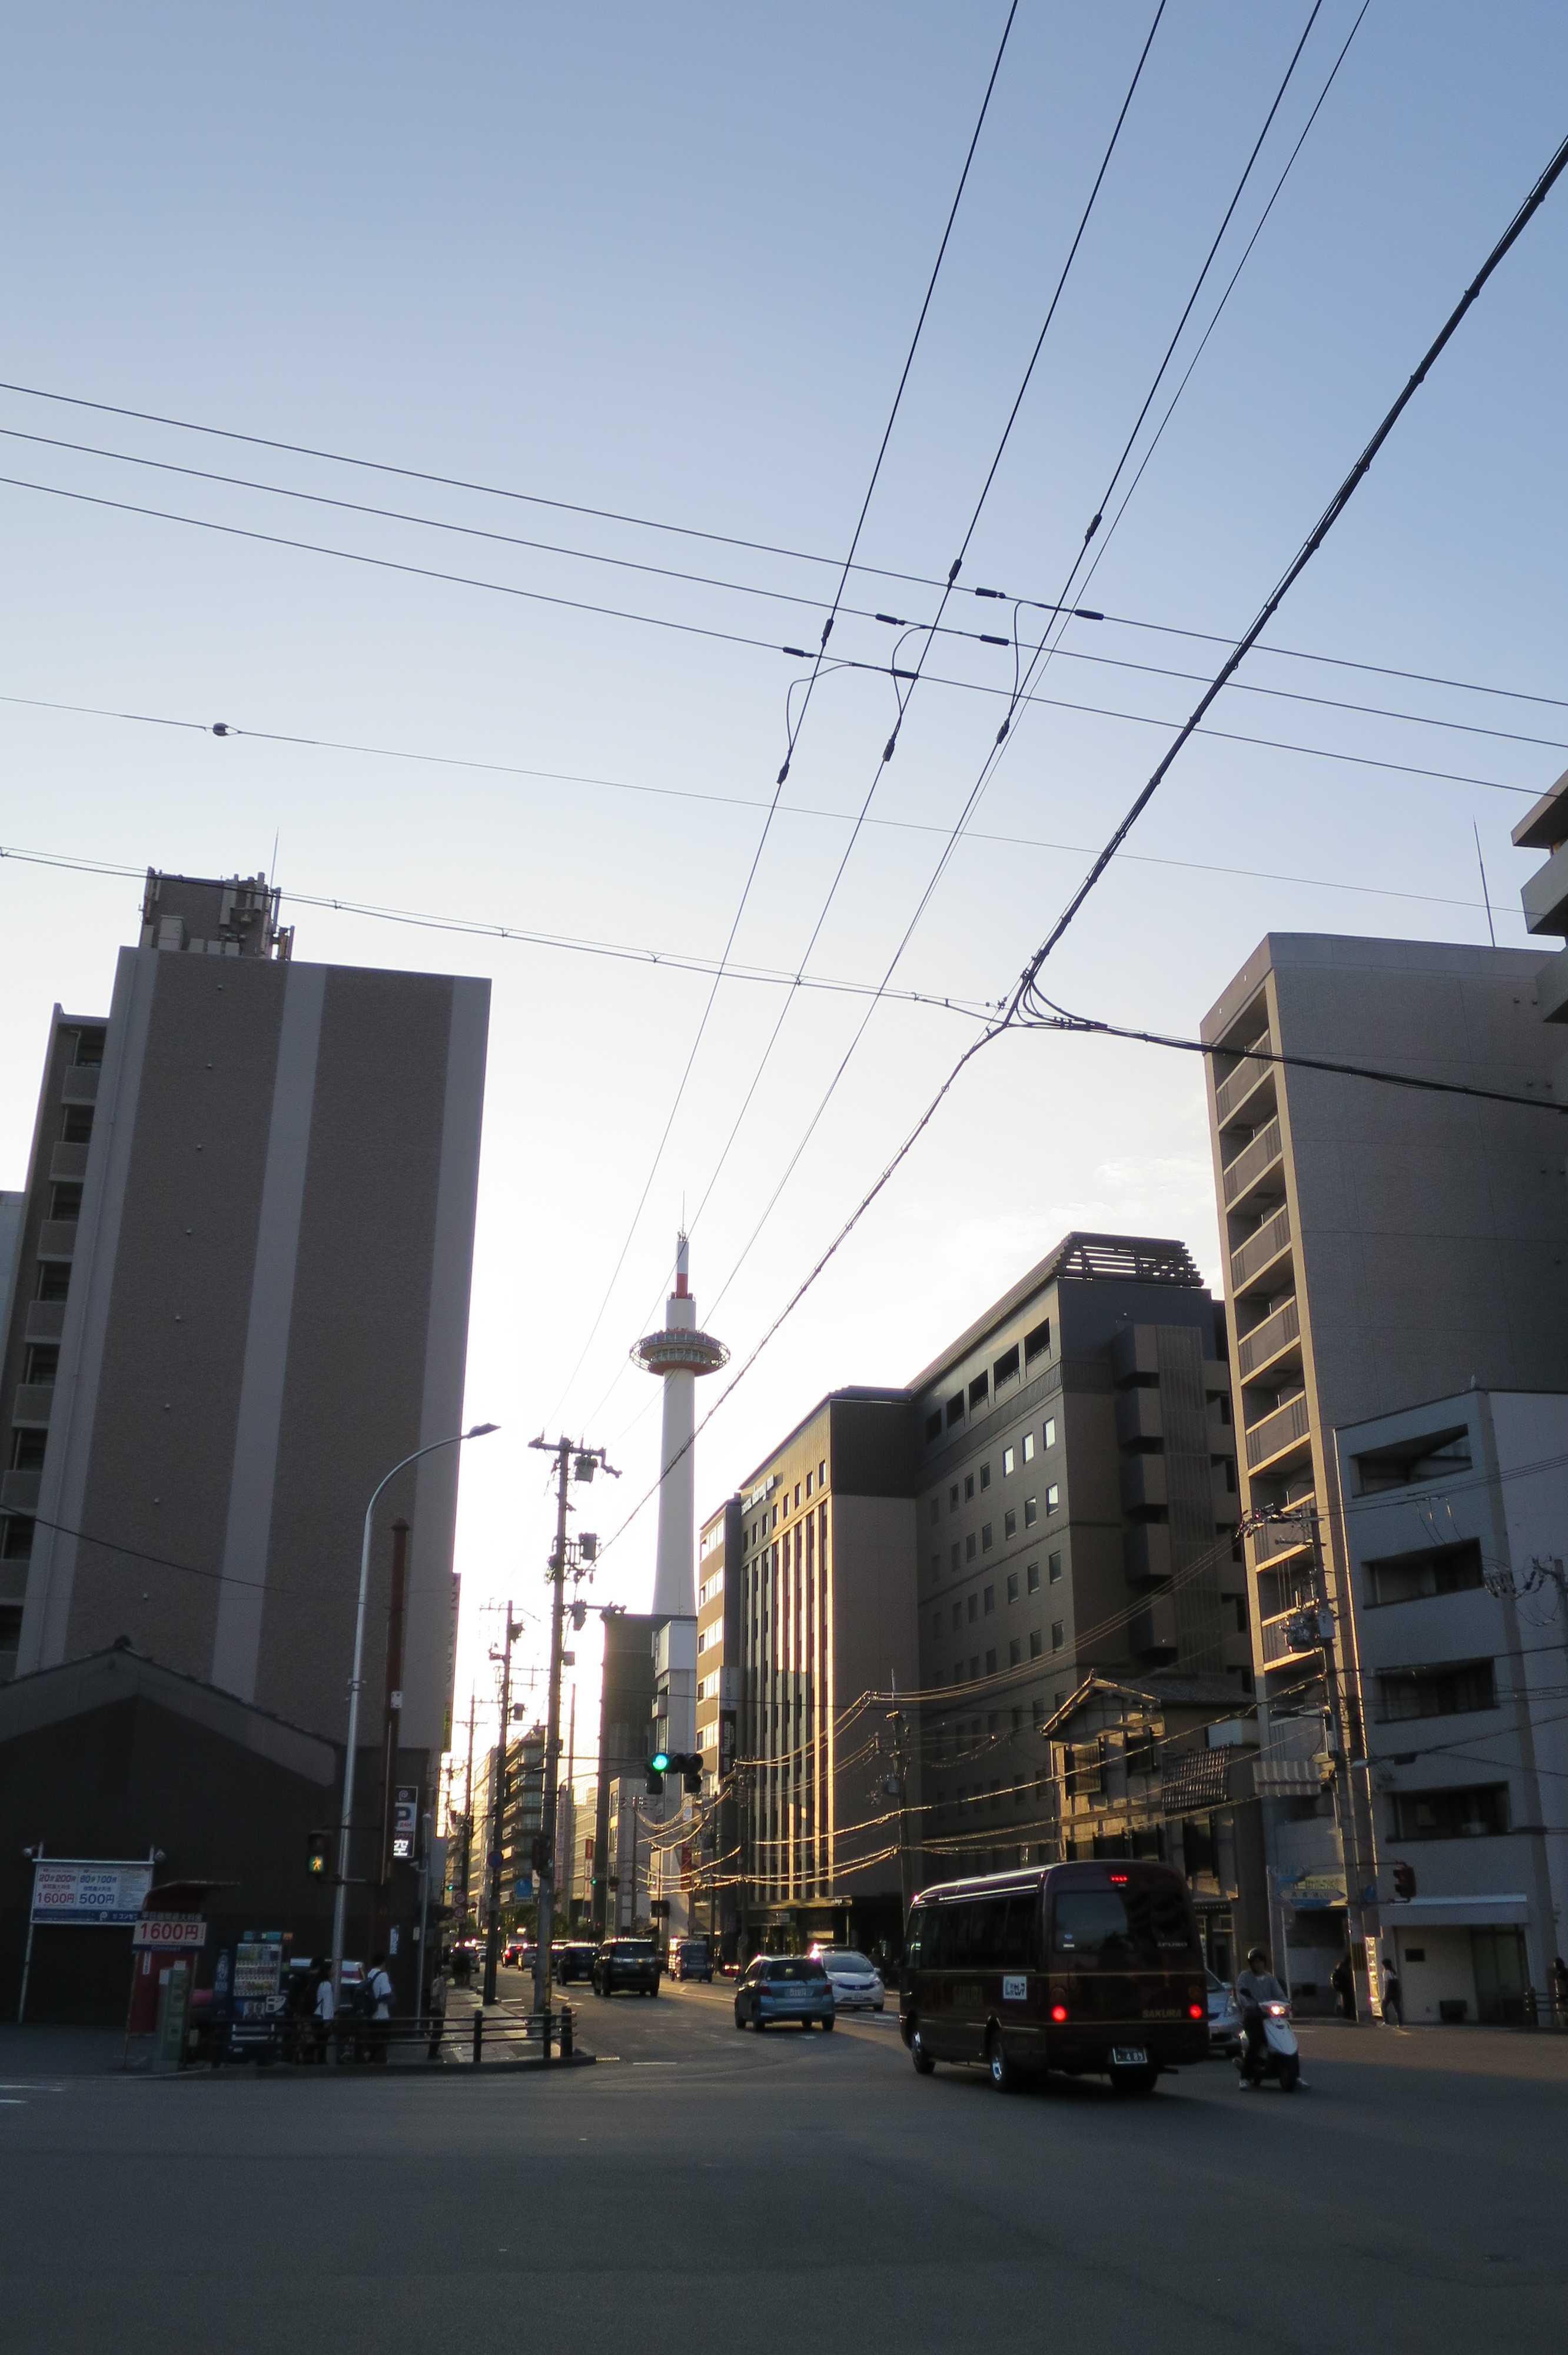 京都・崇仁地区 - 高倉塩小路交差点から見えた夕暮れの京都タワー